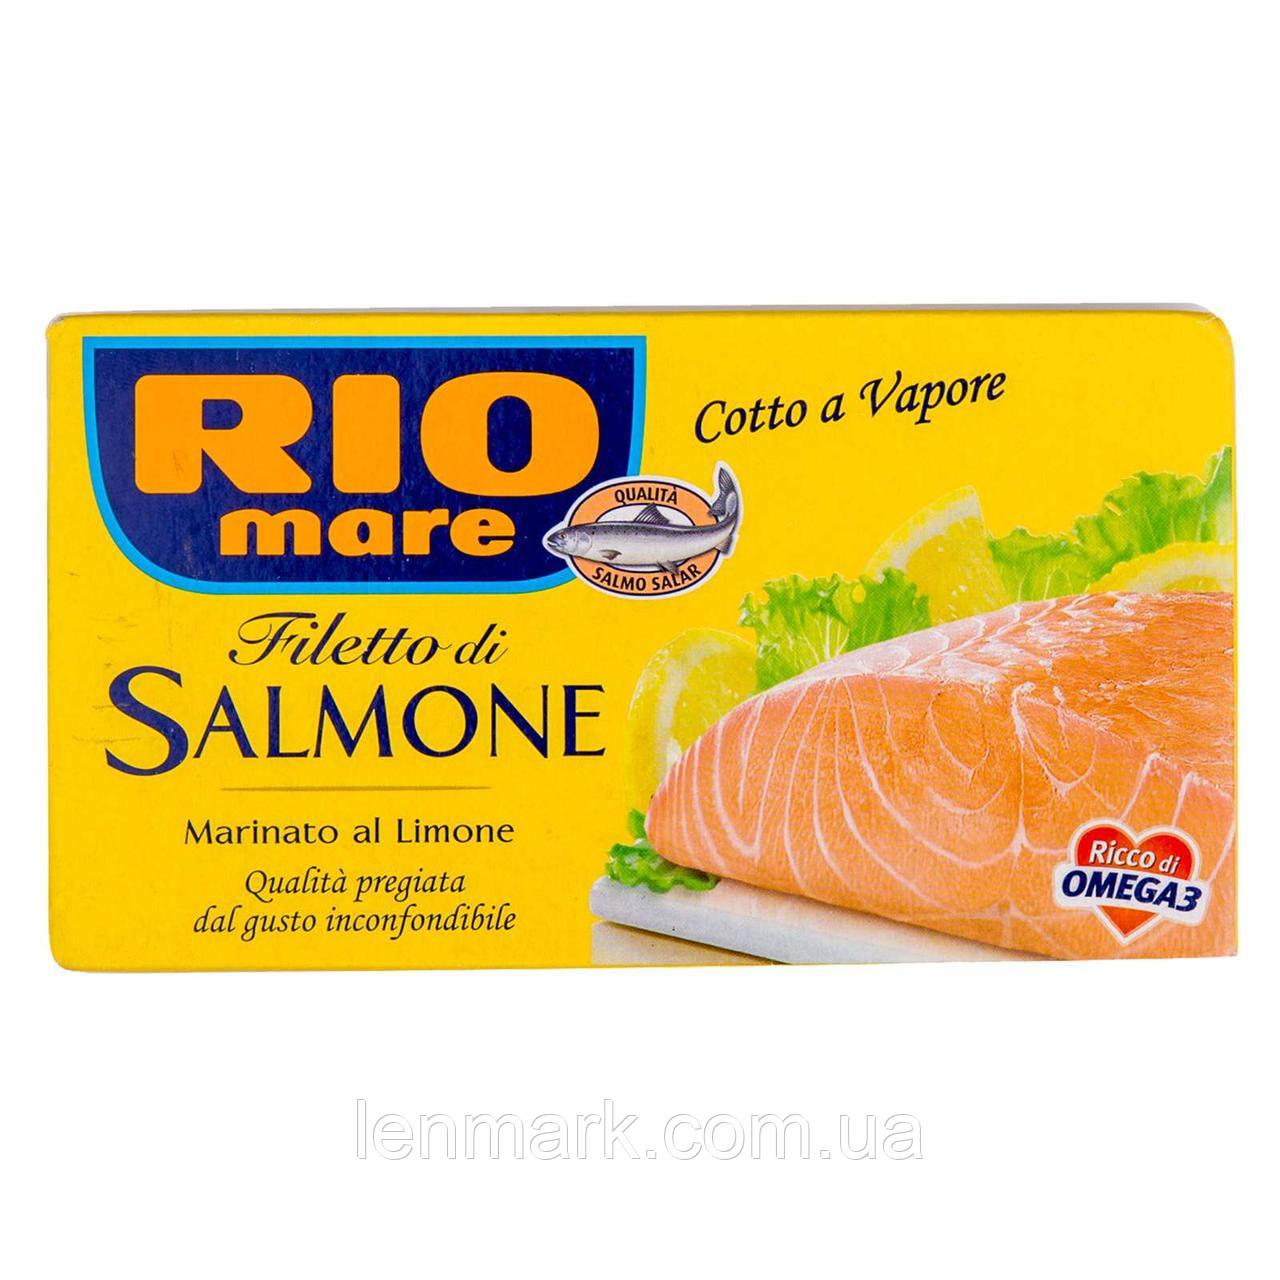 Филе лосося маринованное  с лимоном Rio mare Filetto di salmone Marinato al Limone 150г - Интернет-магазин Lenmark: кофе, чай, продукты питания - оптом и в розницу. Доставка по всей Украине! в Львове